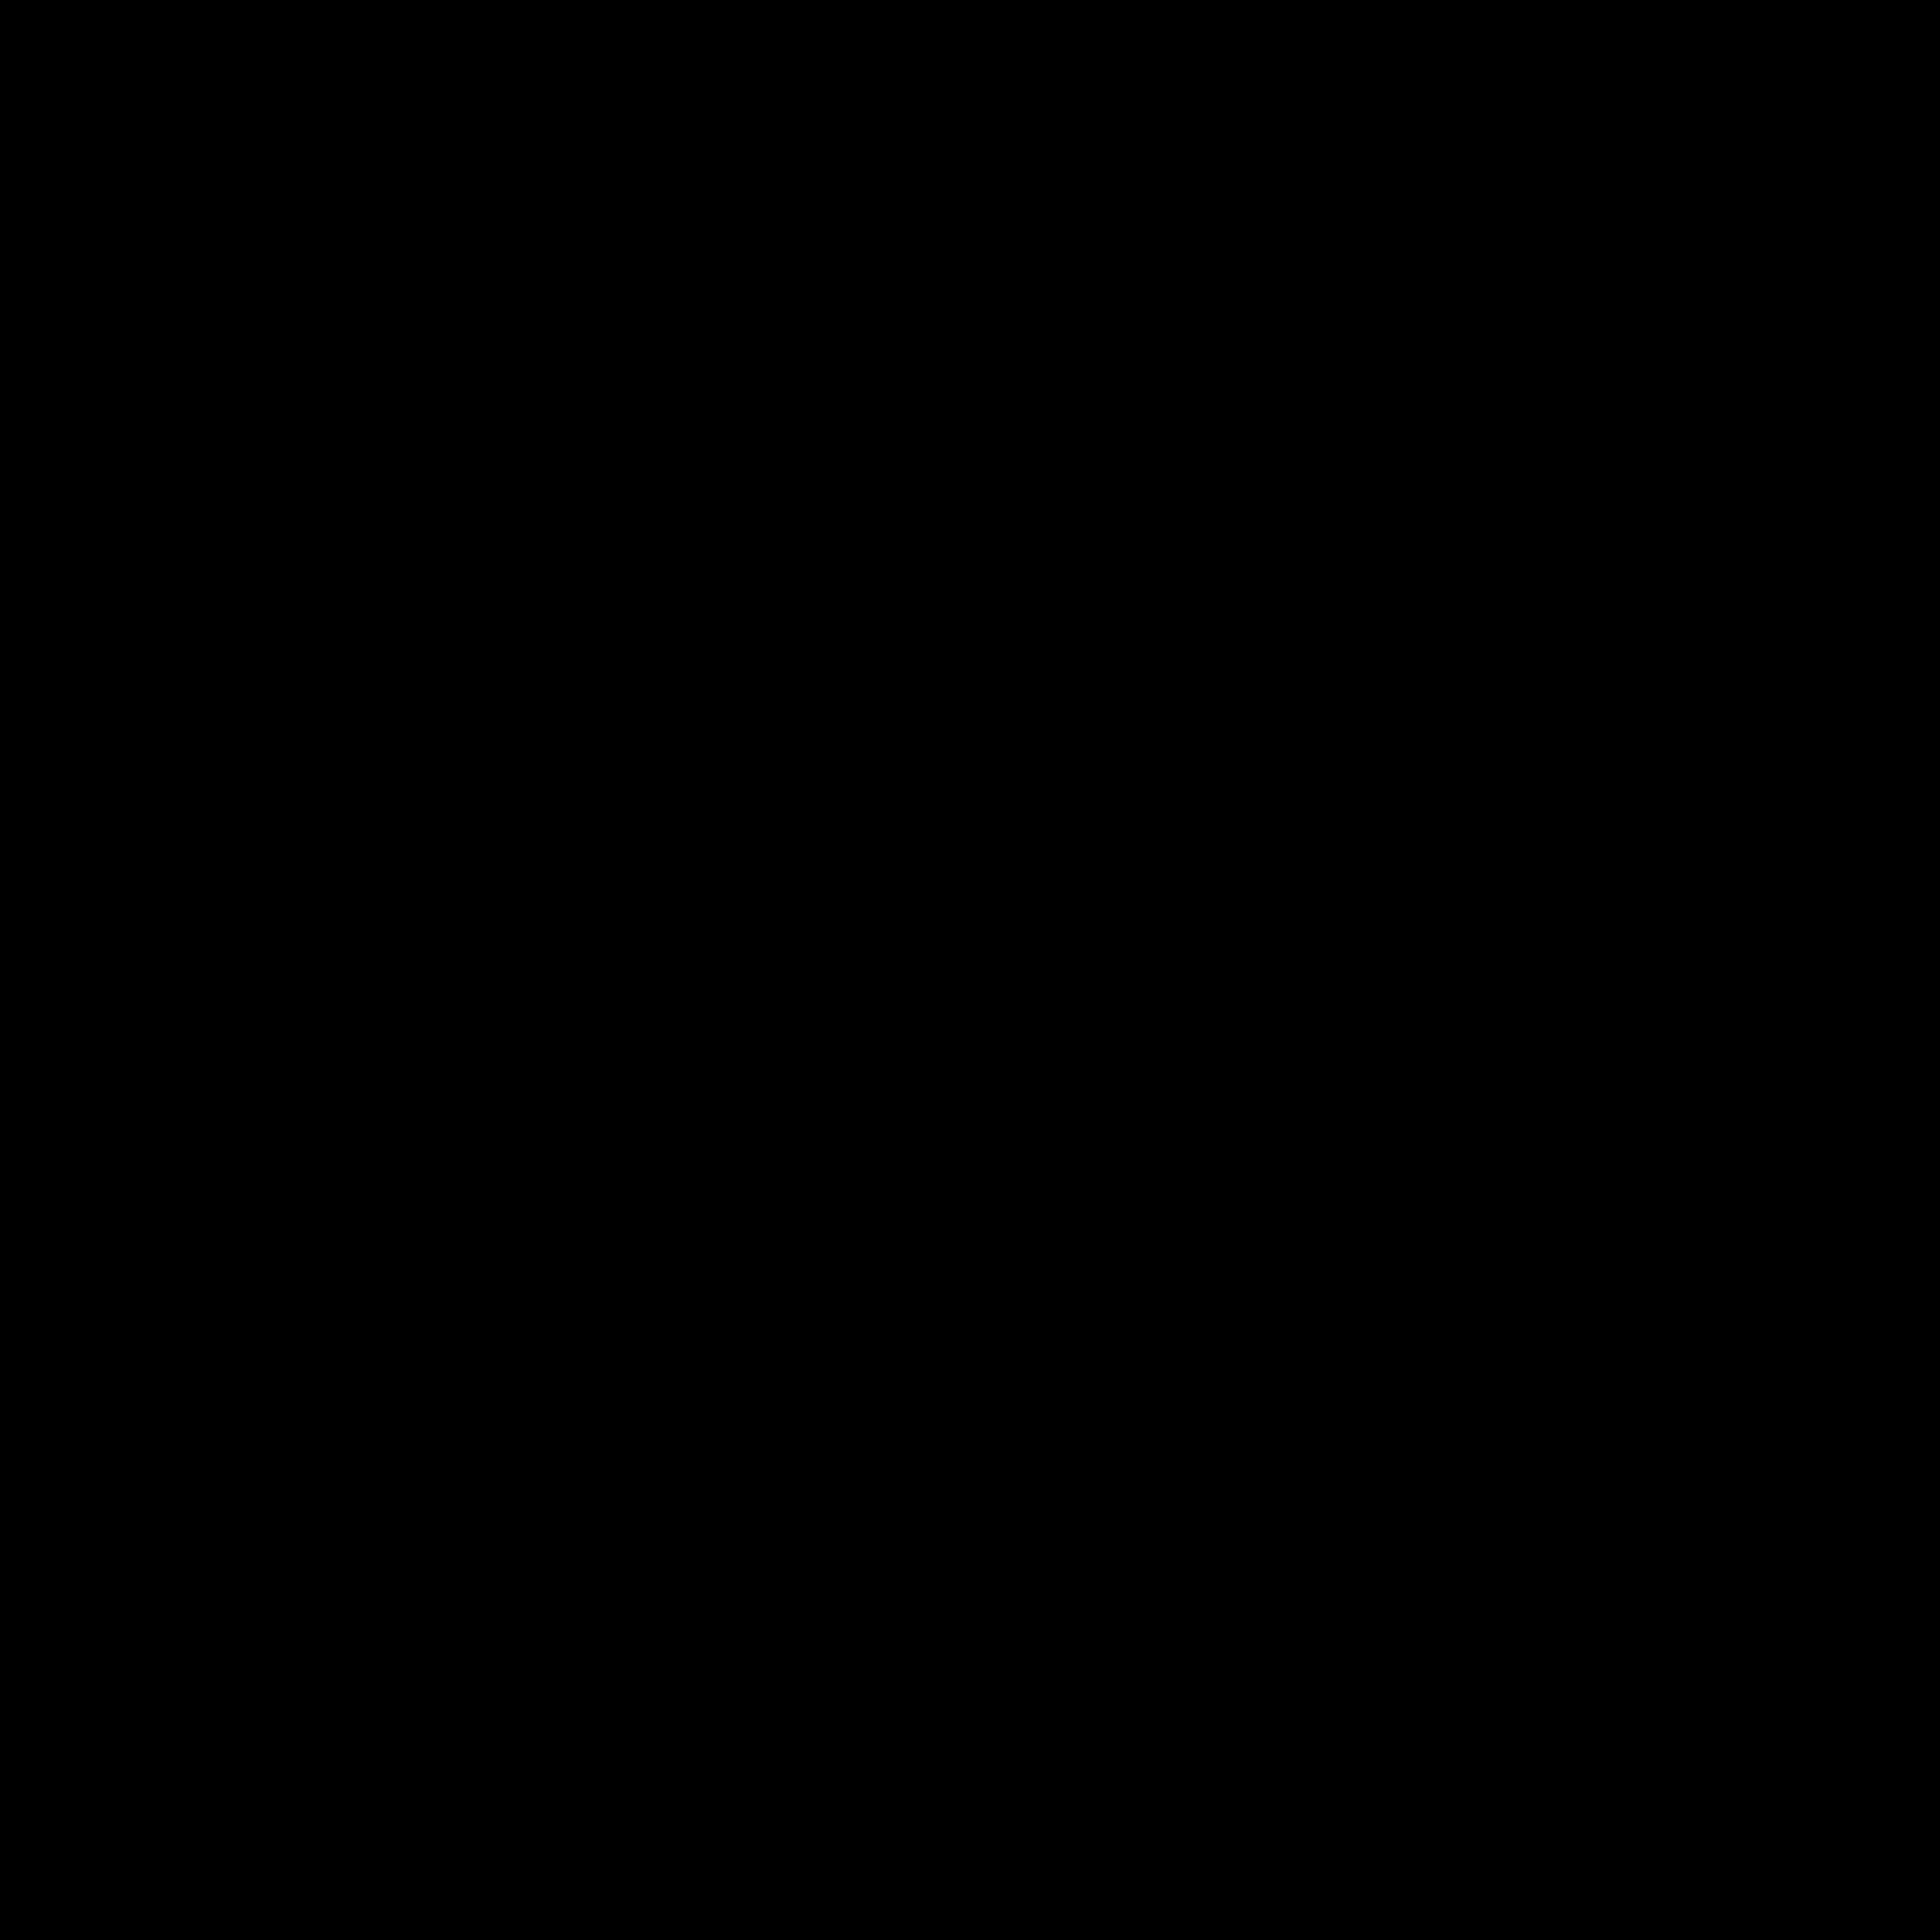 gps-icon